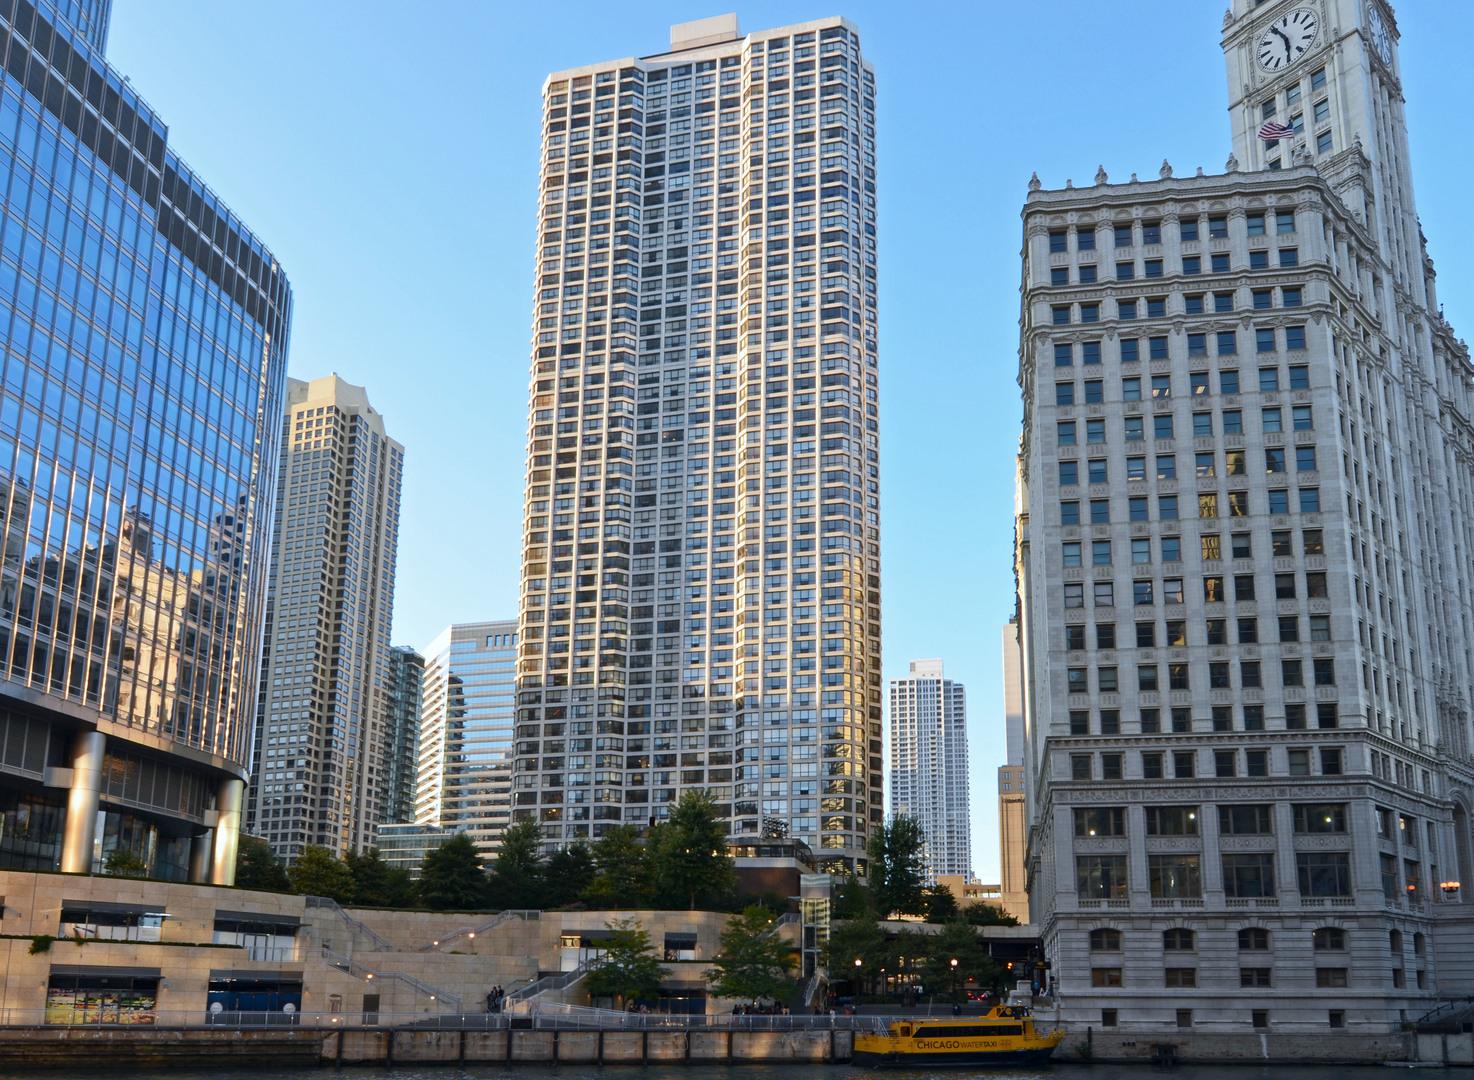 405 NORTH WABASH AVENUE #4008, CHICAGO, IL 60611